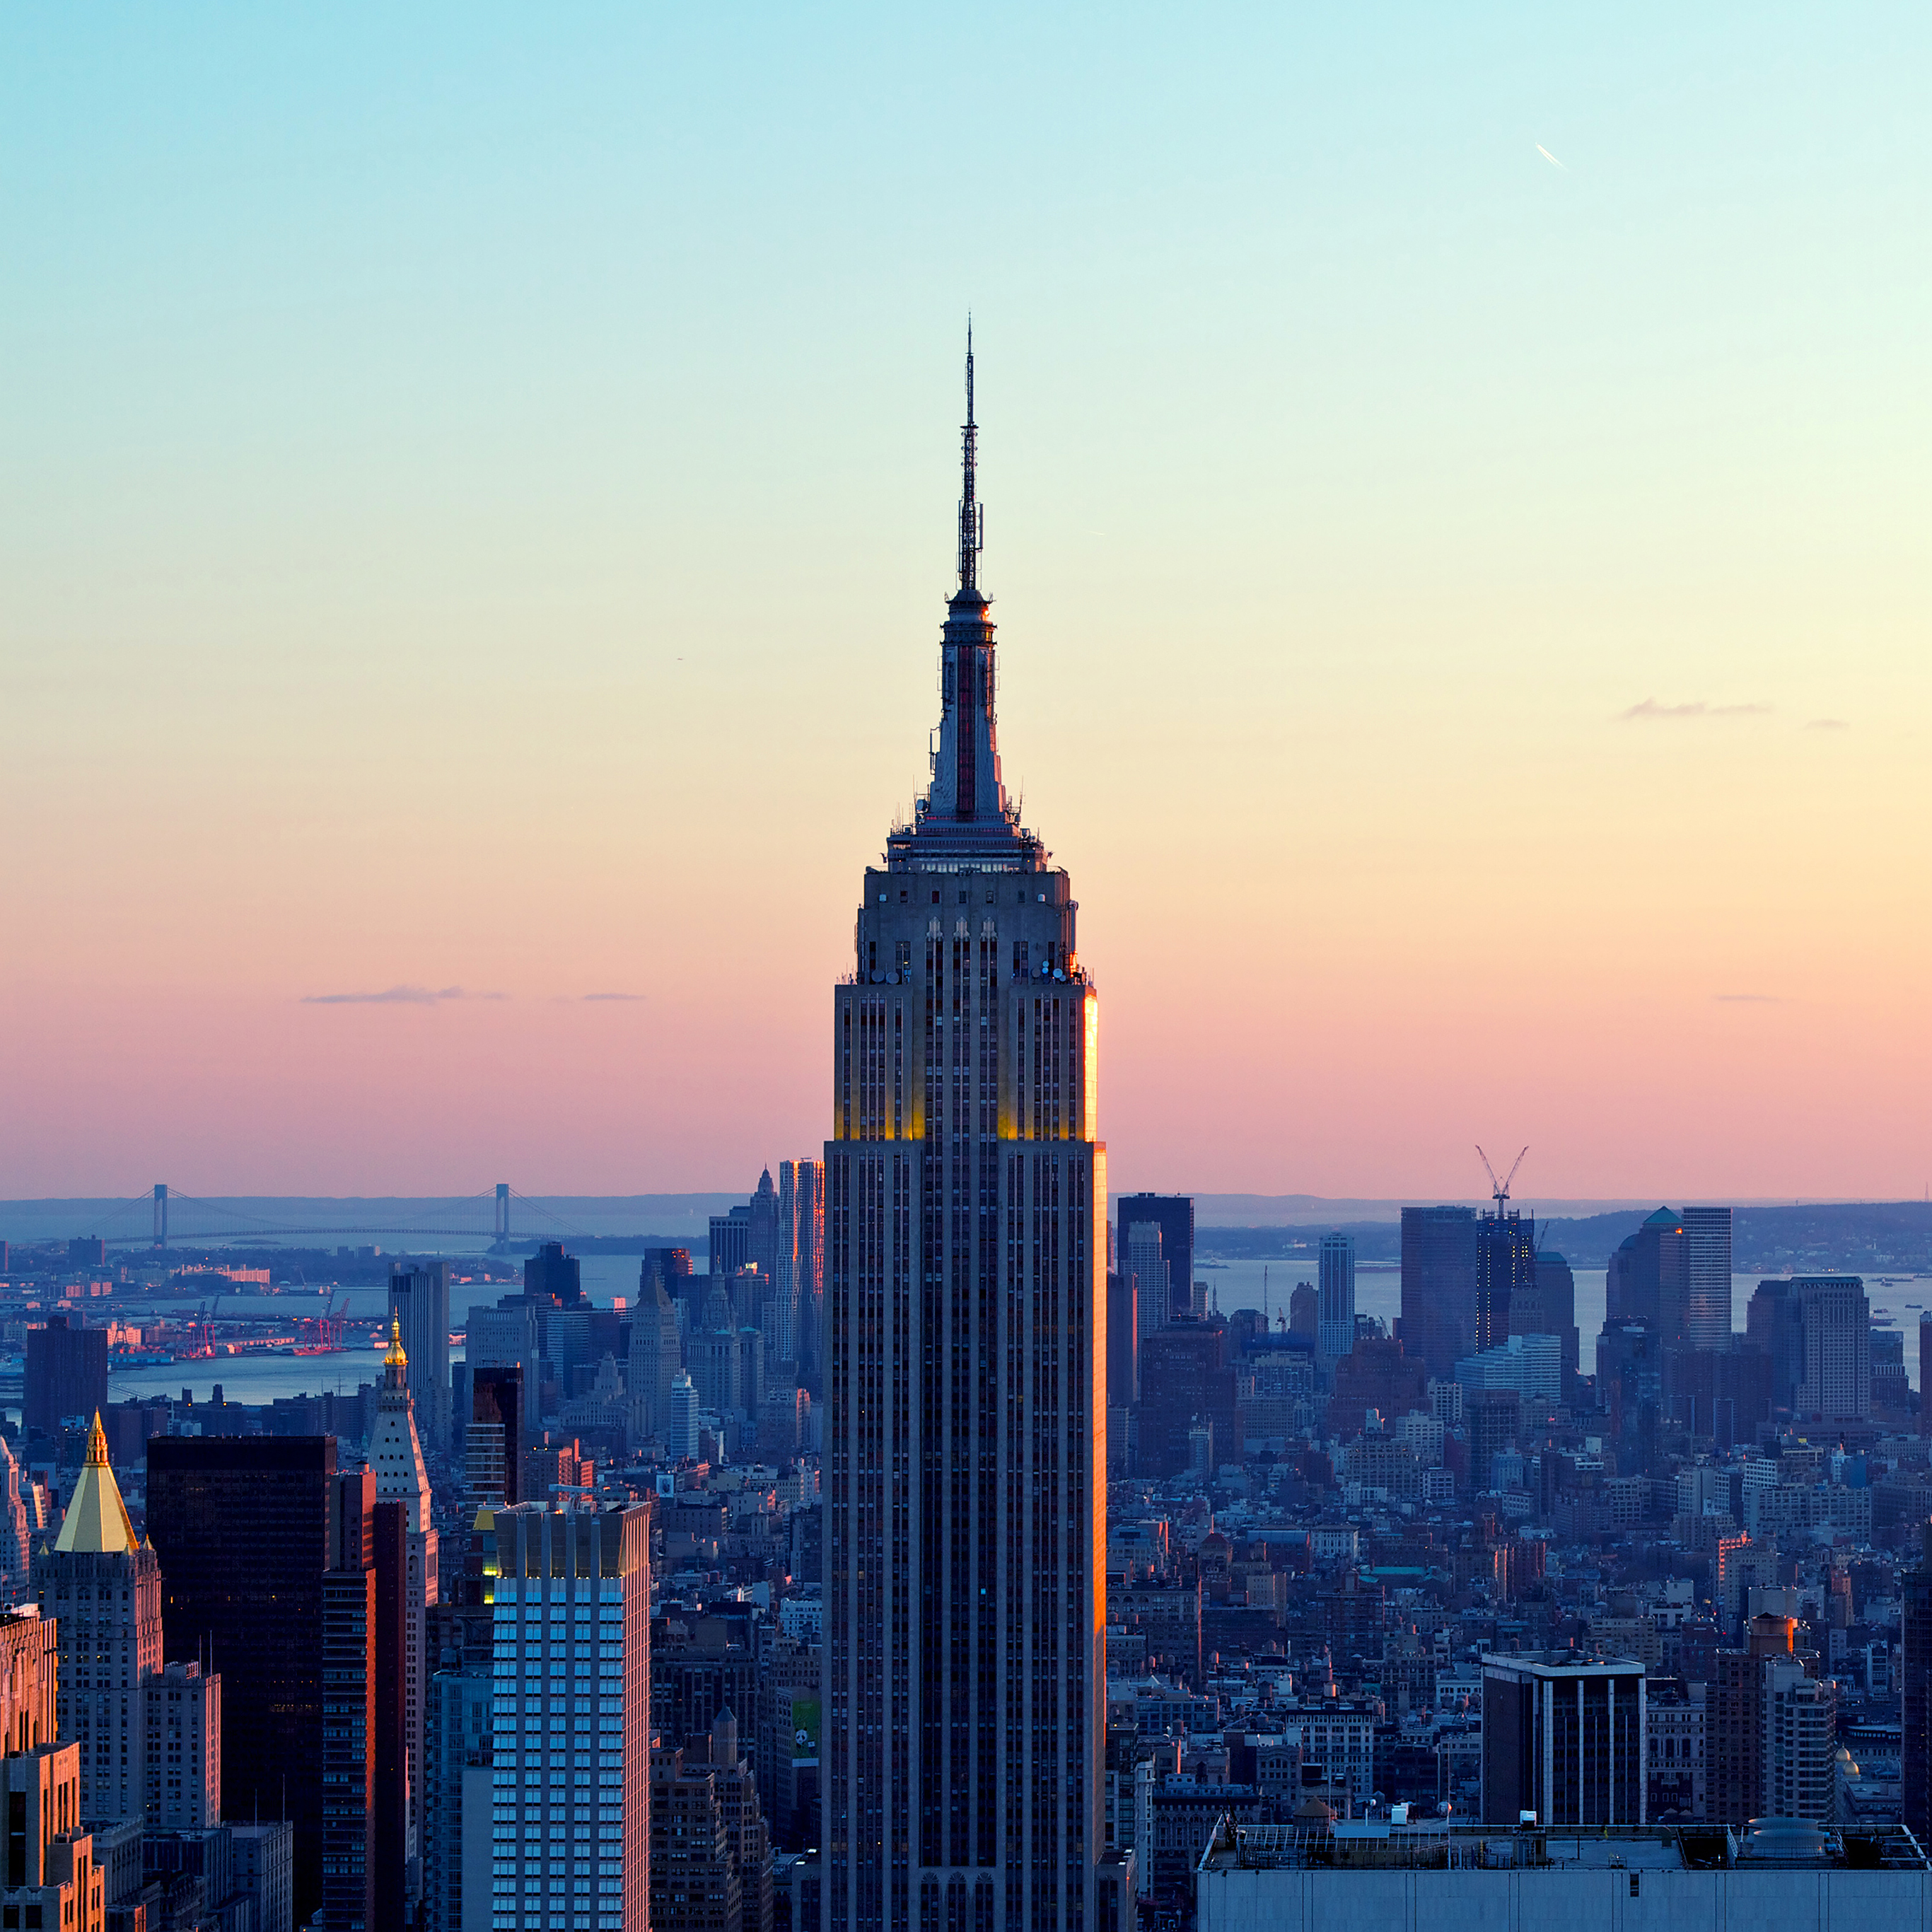 New York Skyline Wallpaper: Me72-dusk-red-new-york-skyline-city-wallpaper